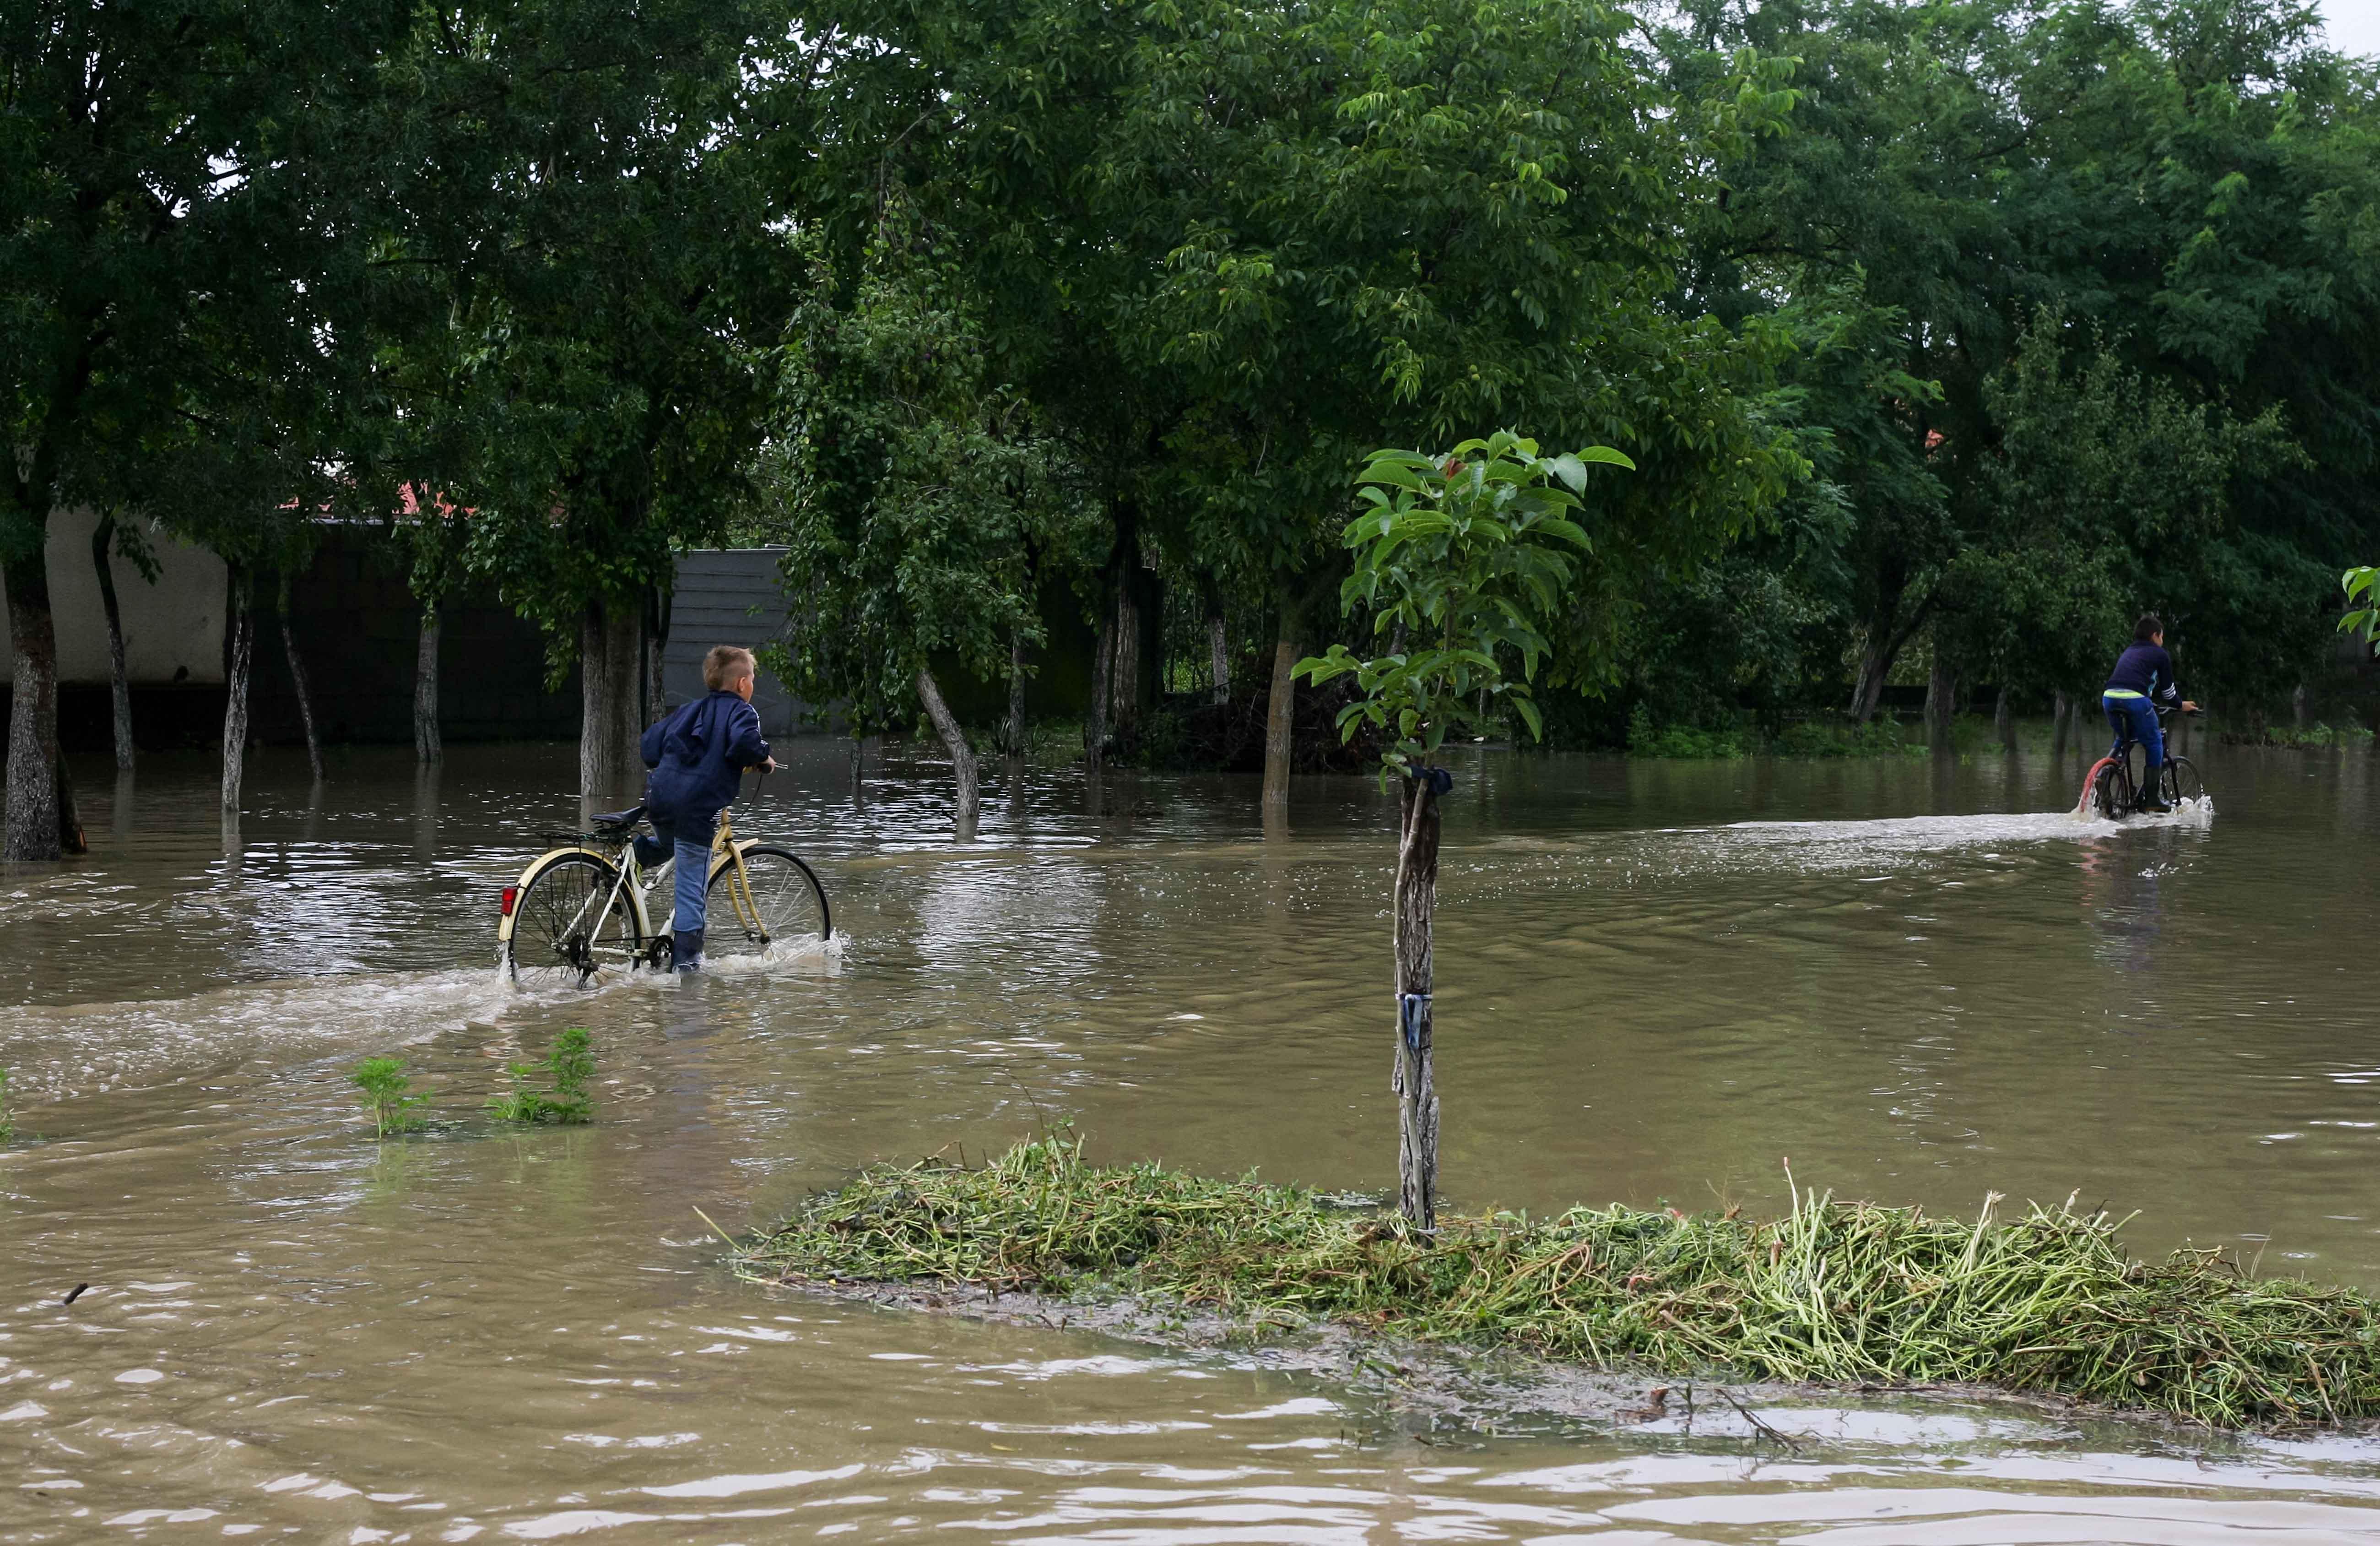 Gataia, judetul timis inundatii 014